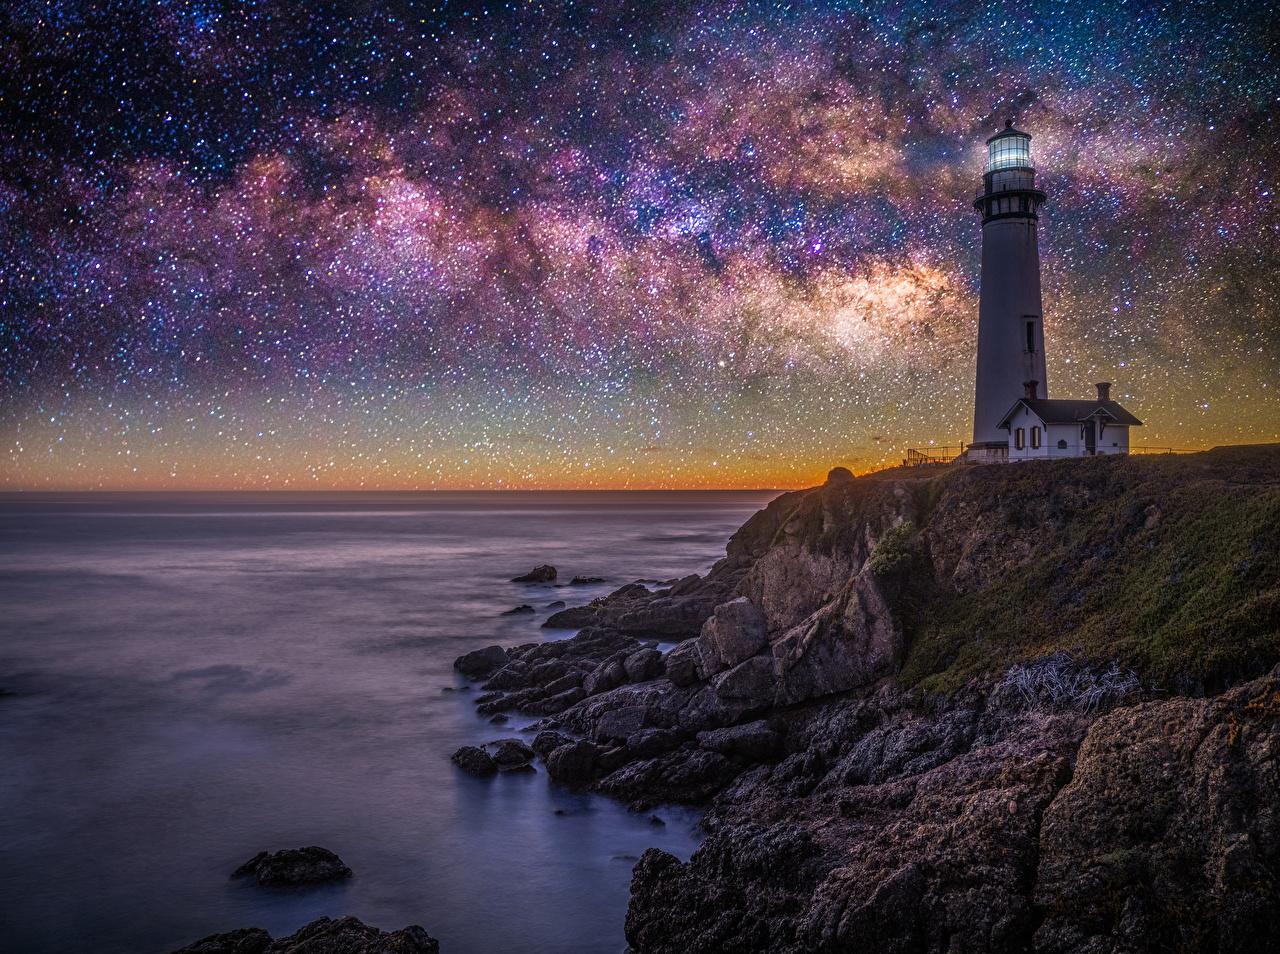 Bilder von Kalifornien Stern Vereinigte Staaten Pigeon Point lighthouse Natur Leuchtturm Nacht Küste USA